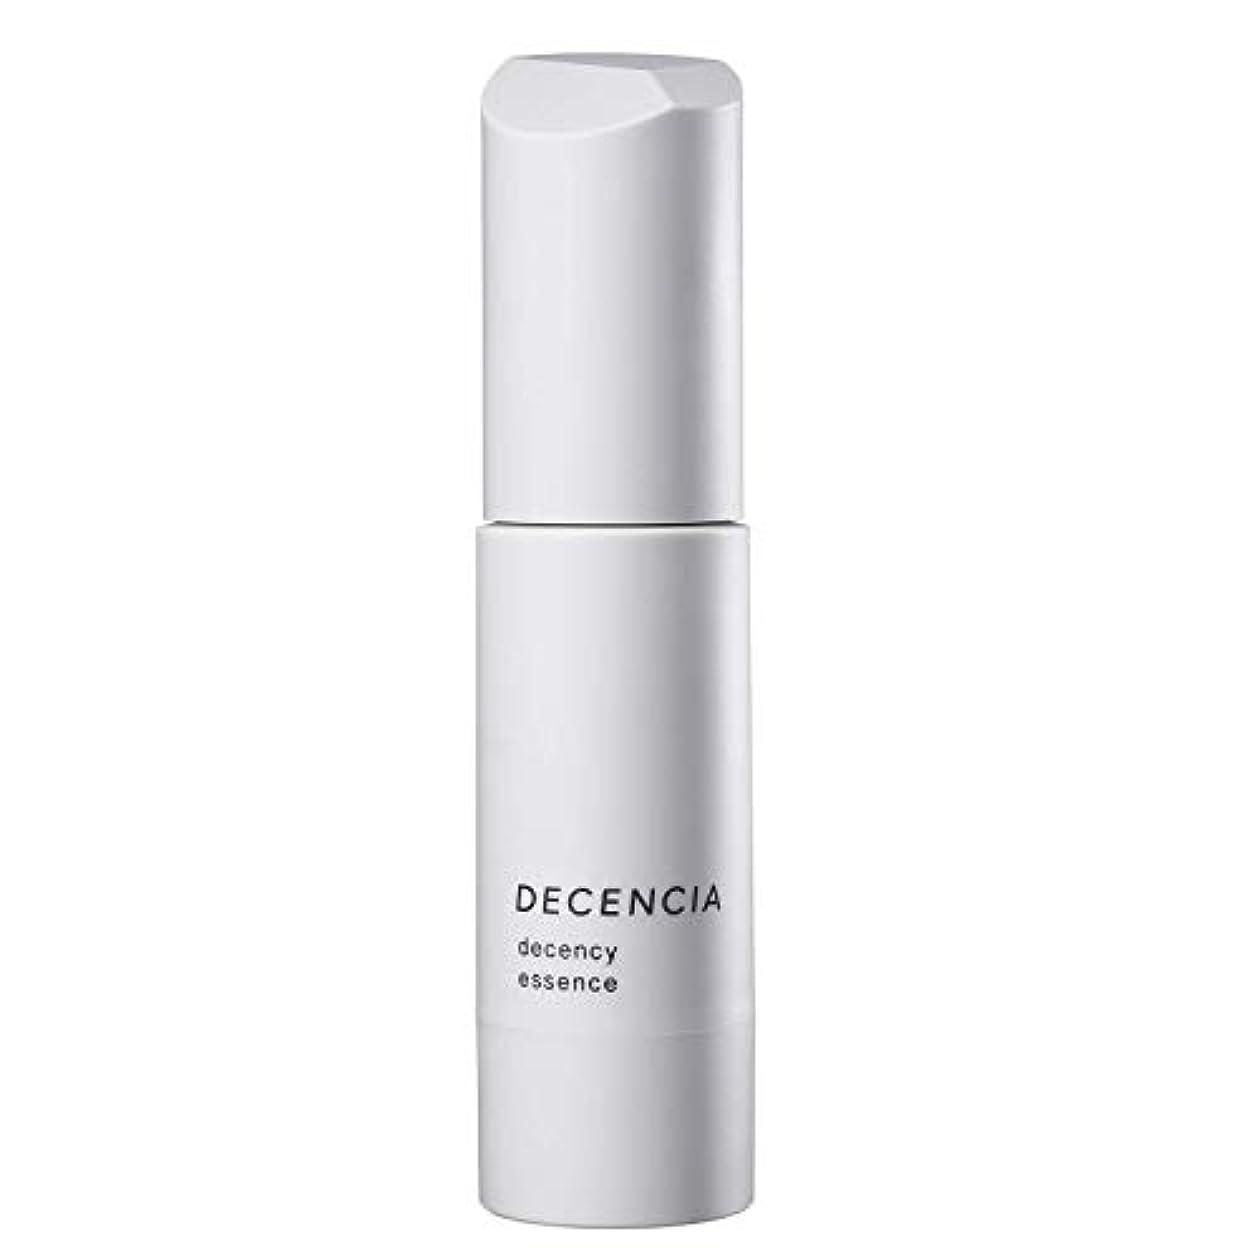 化石入射評価するDECENCIA(ディセンシア)ディセンシー エッセンス美容液本体